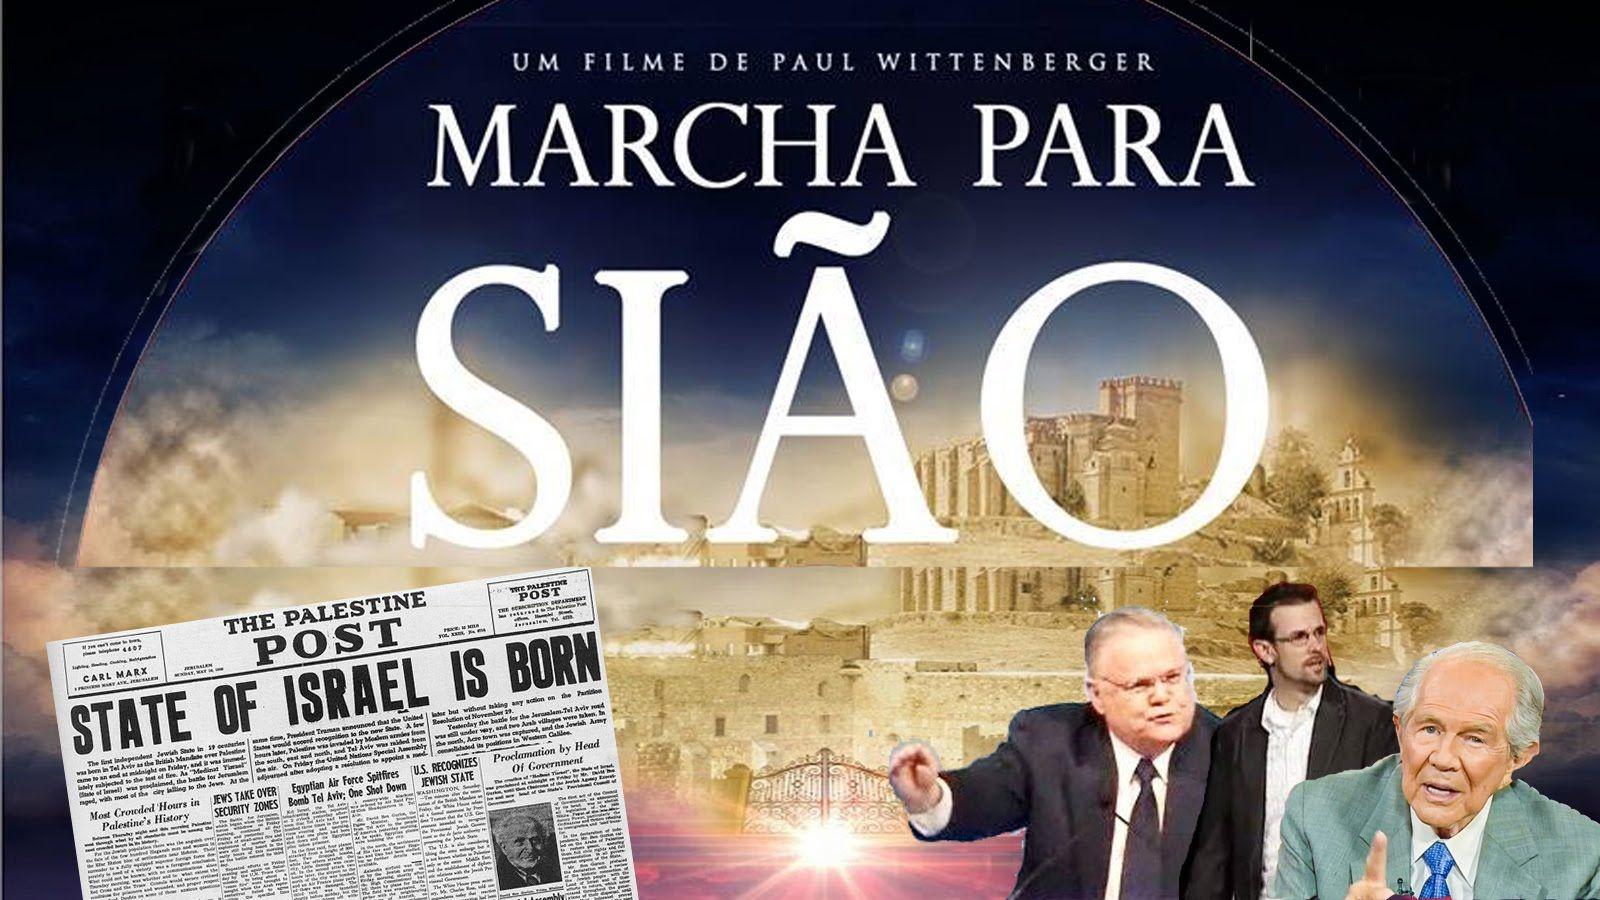 Marcha Para Siao Filme Completo Cristao Sionismo E 1948 Israel